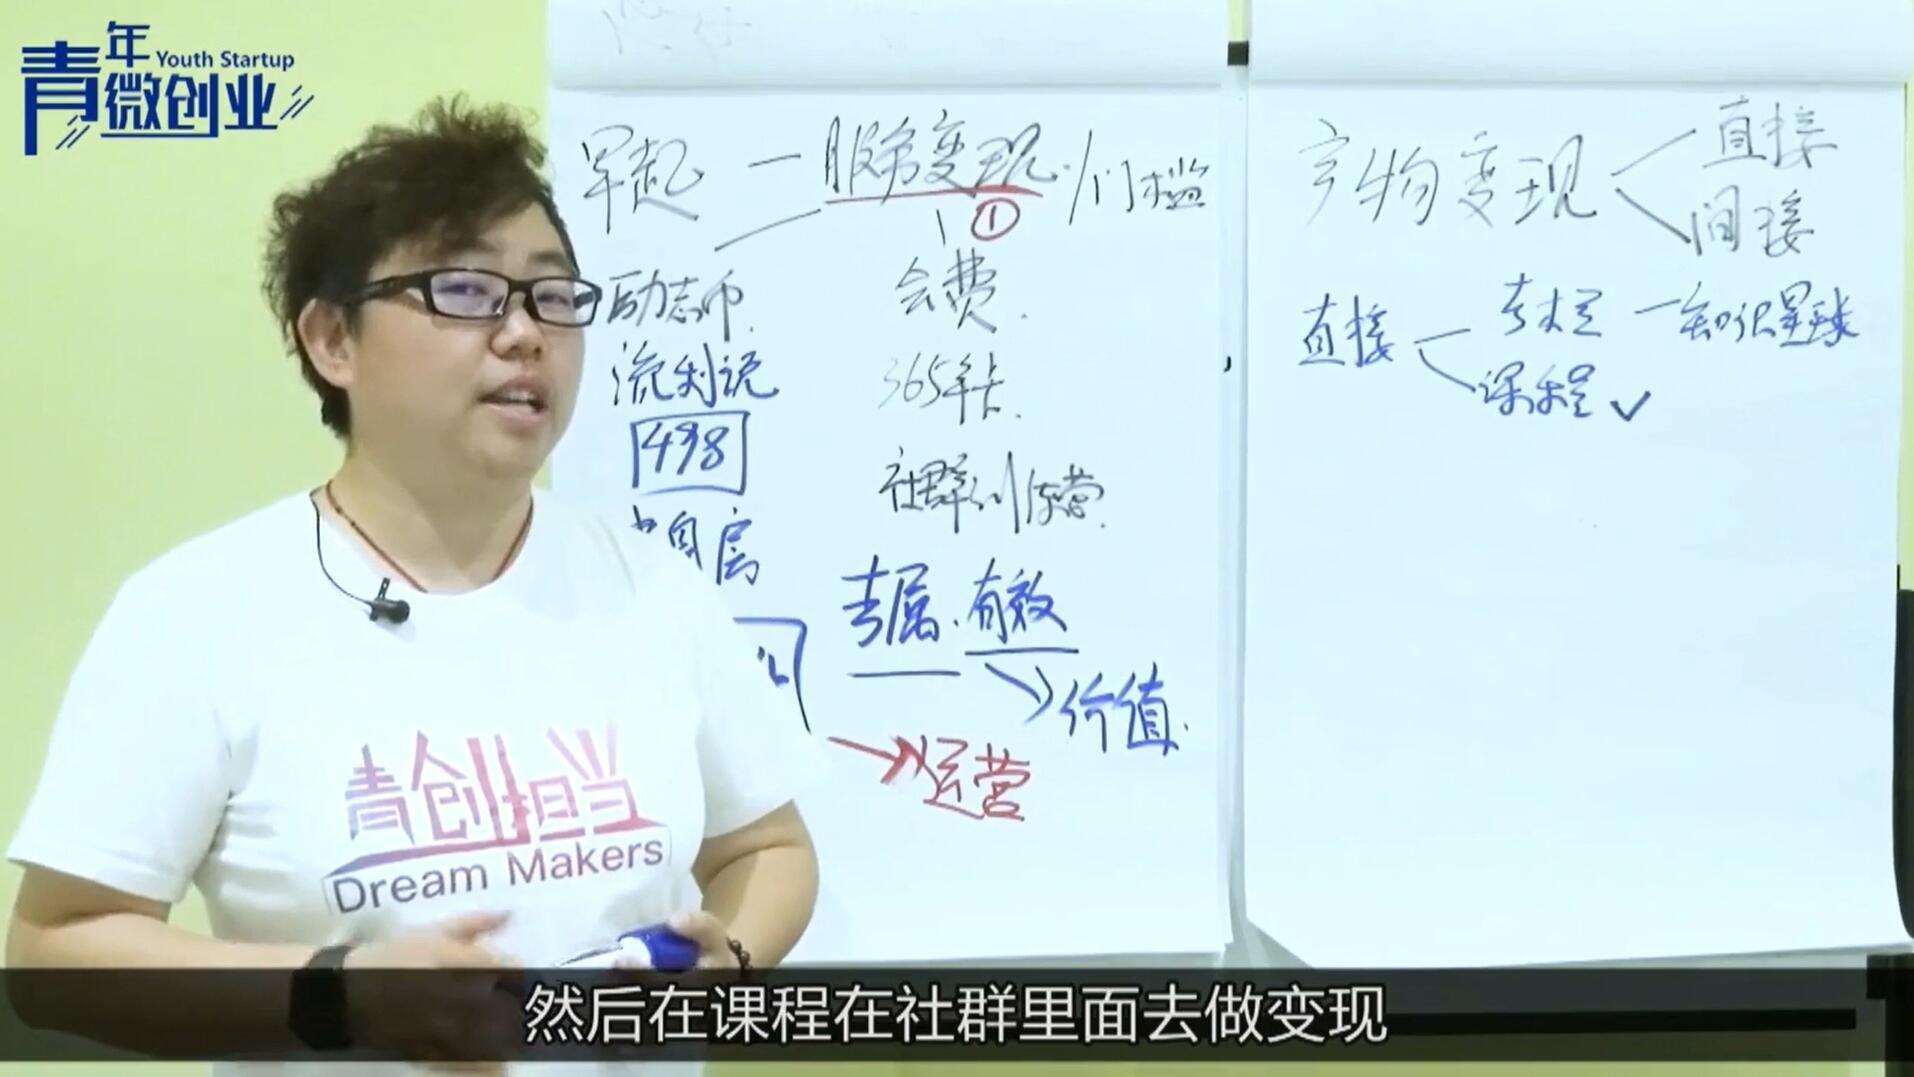 青年微创业·社群运营实战训练营,价值980元插图(2)